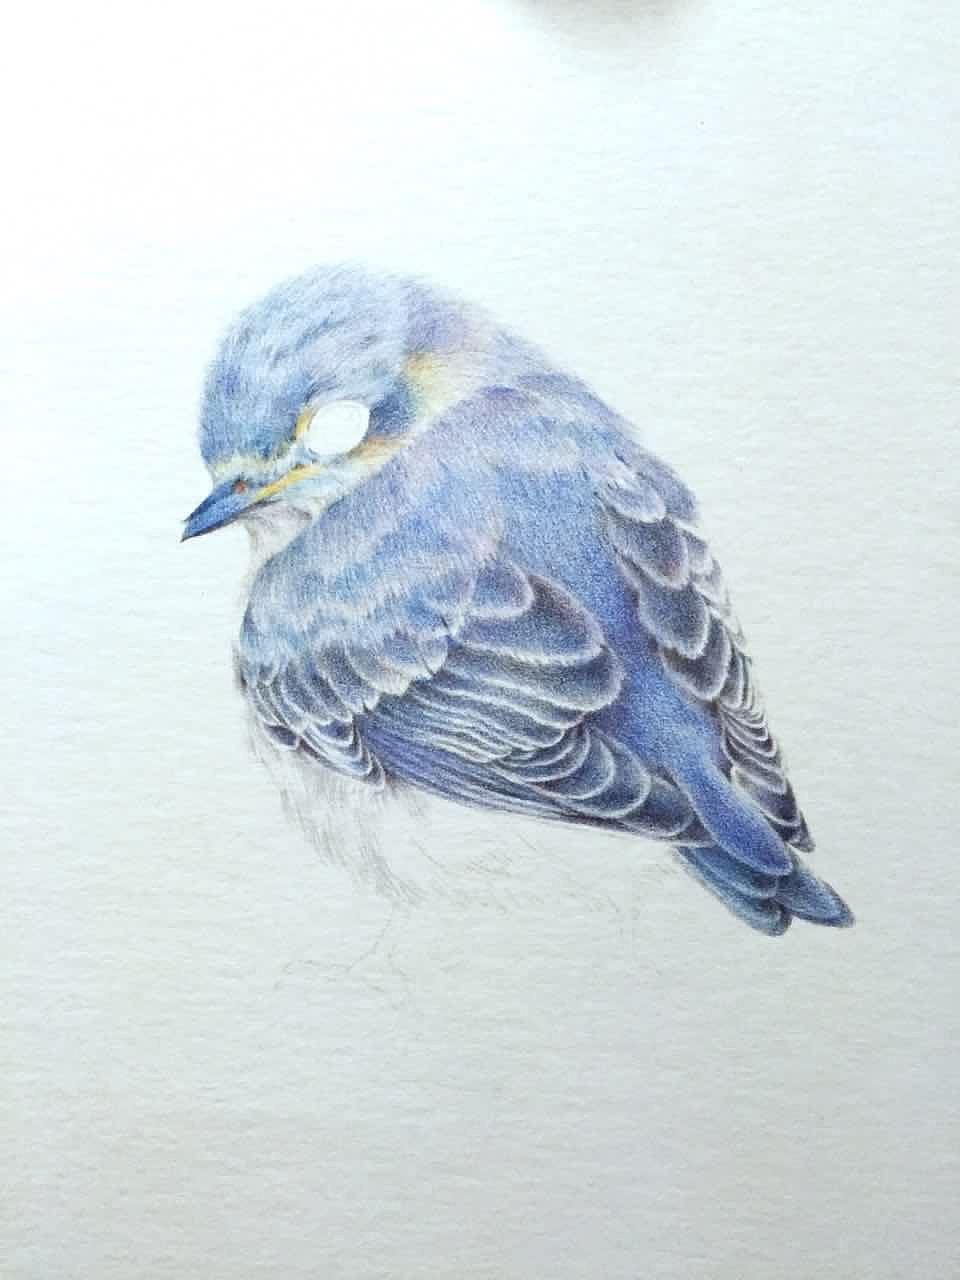 画出羽毛丝丝的质感图片